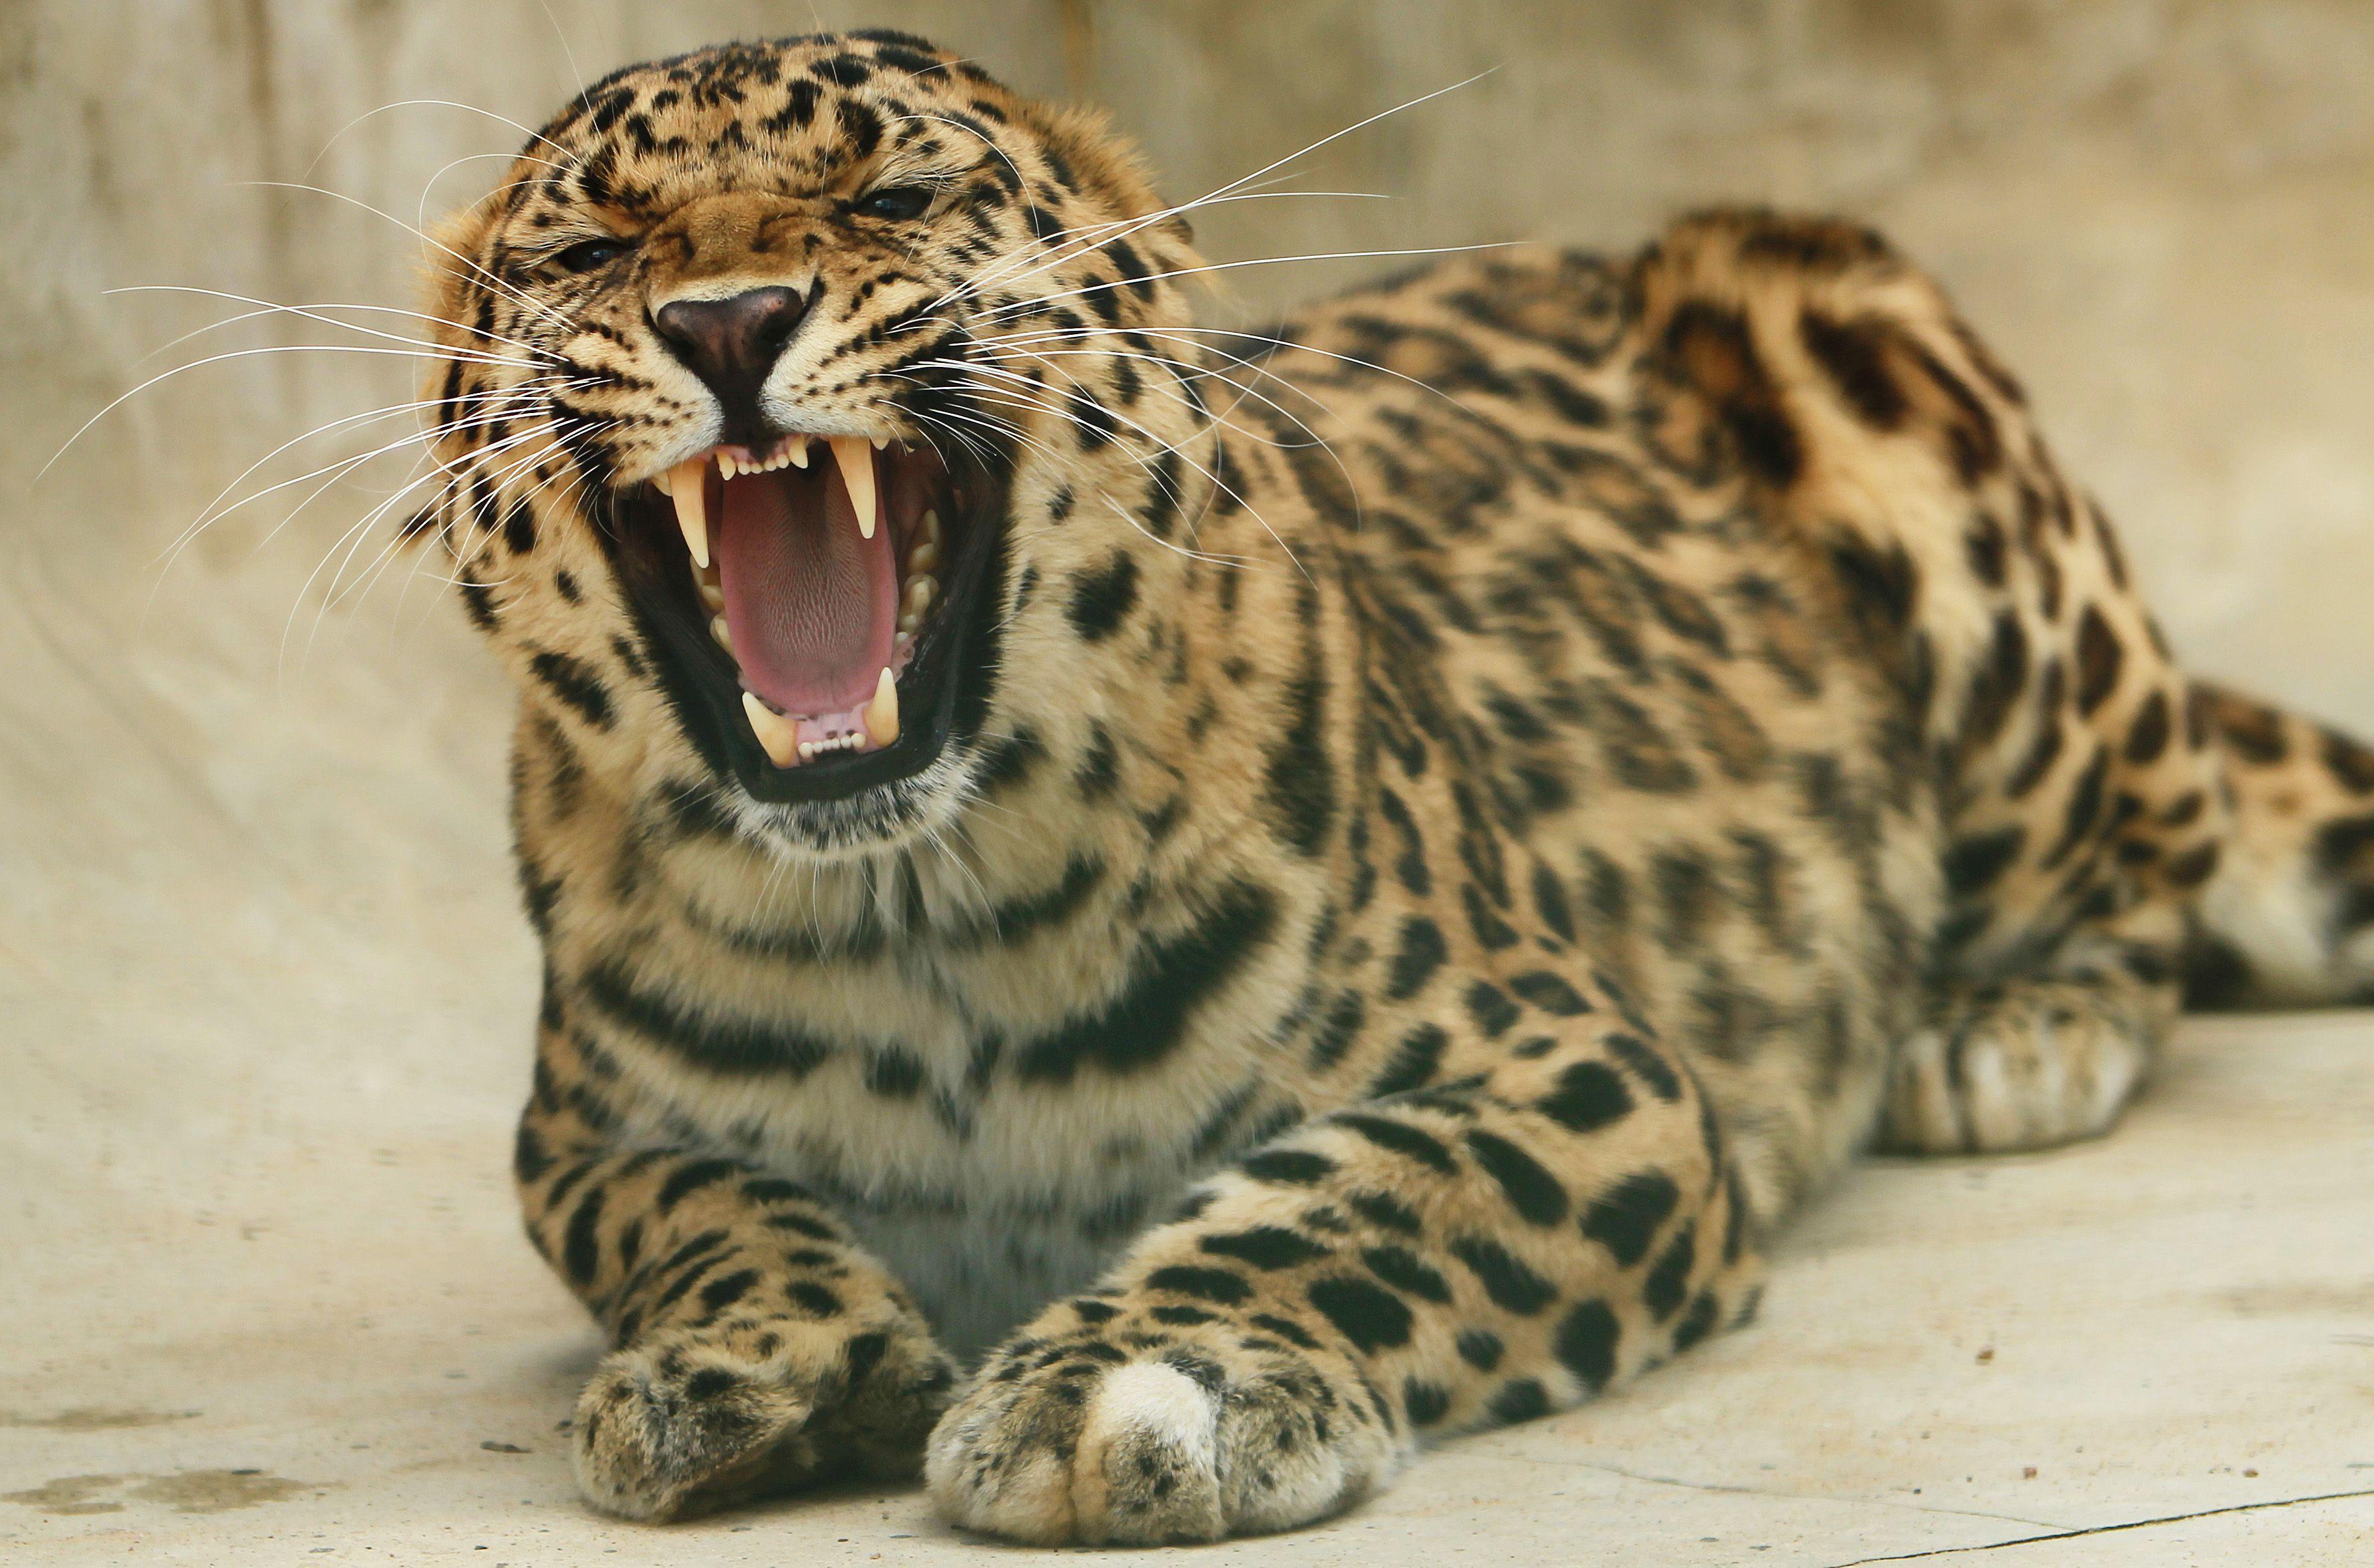 Москва объявила конкурс для спасения диких животных